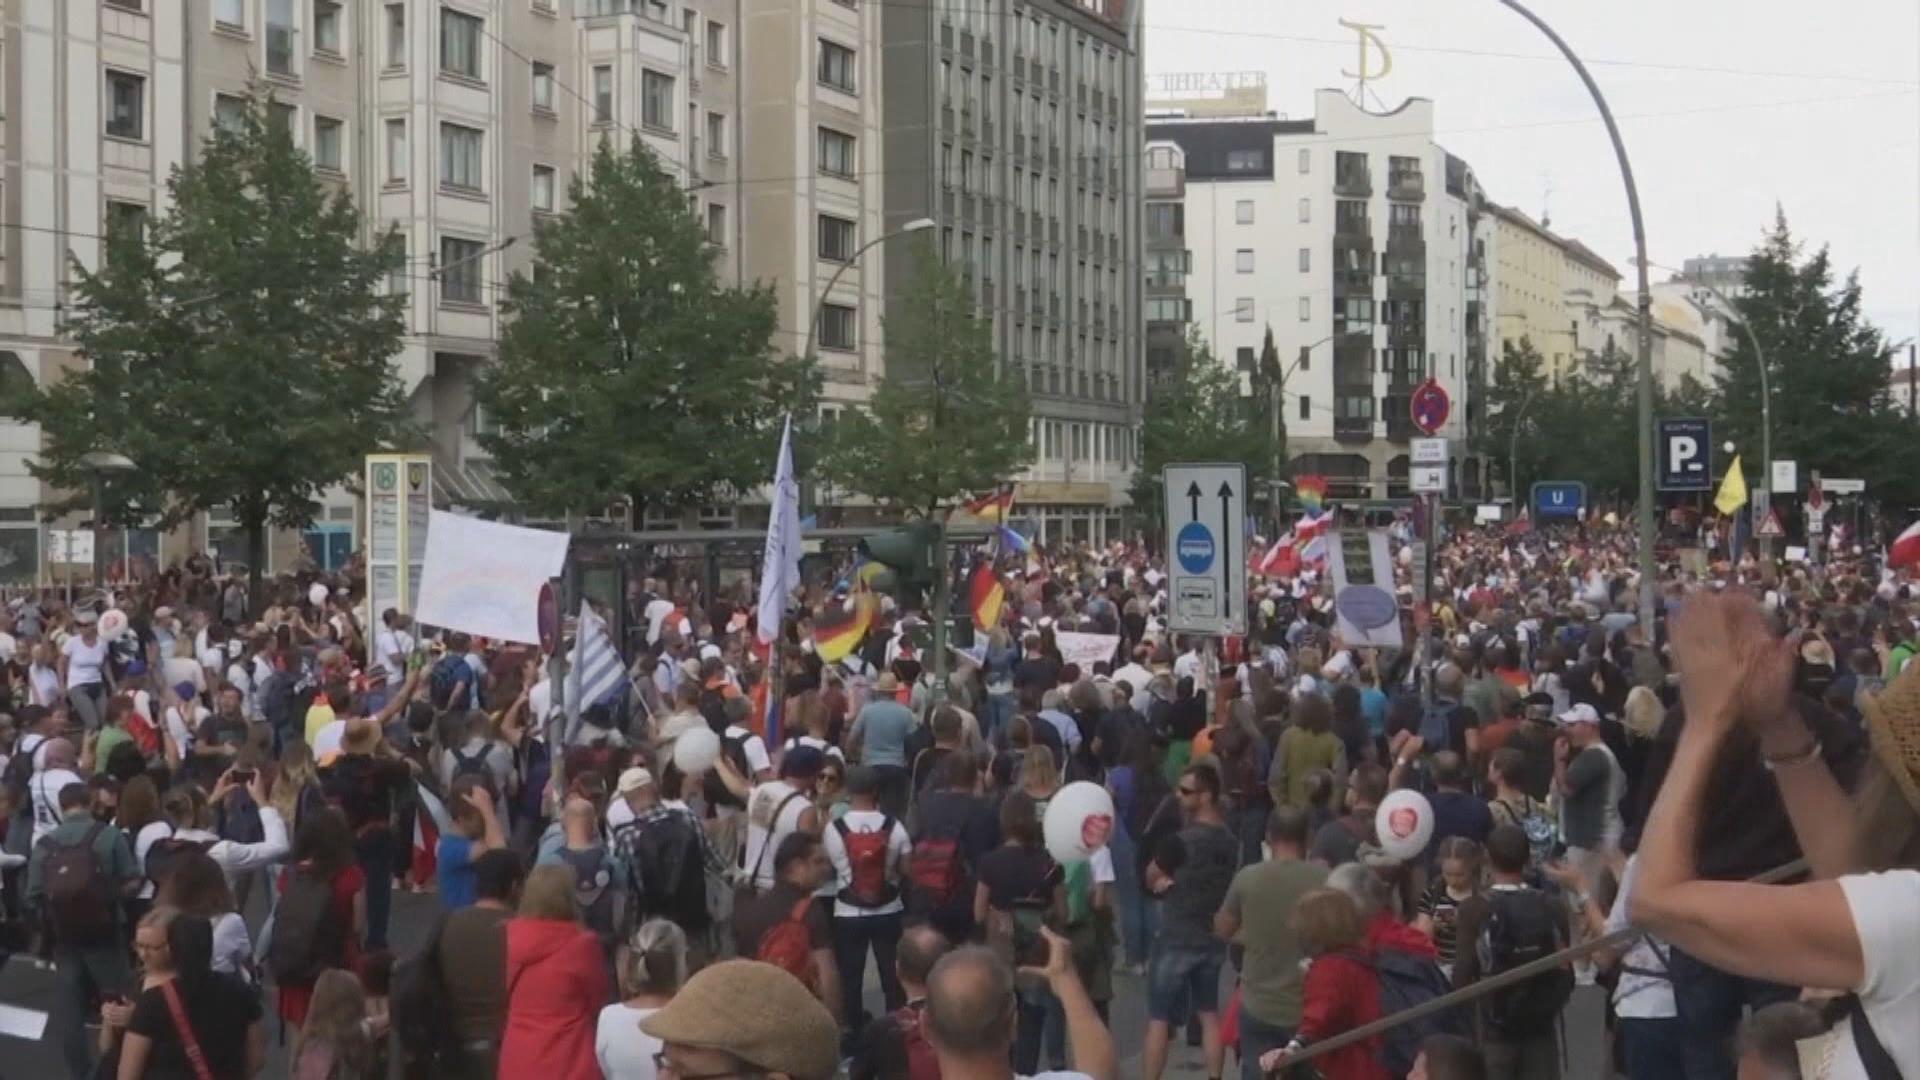 歐洲多國現反防疫措施示威 英國有人質疑疫情是惡作劇